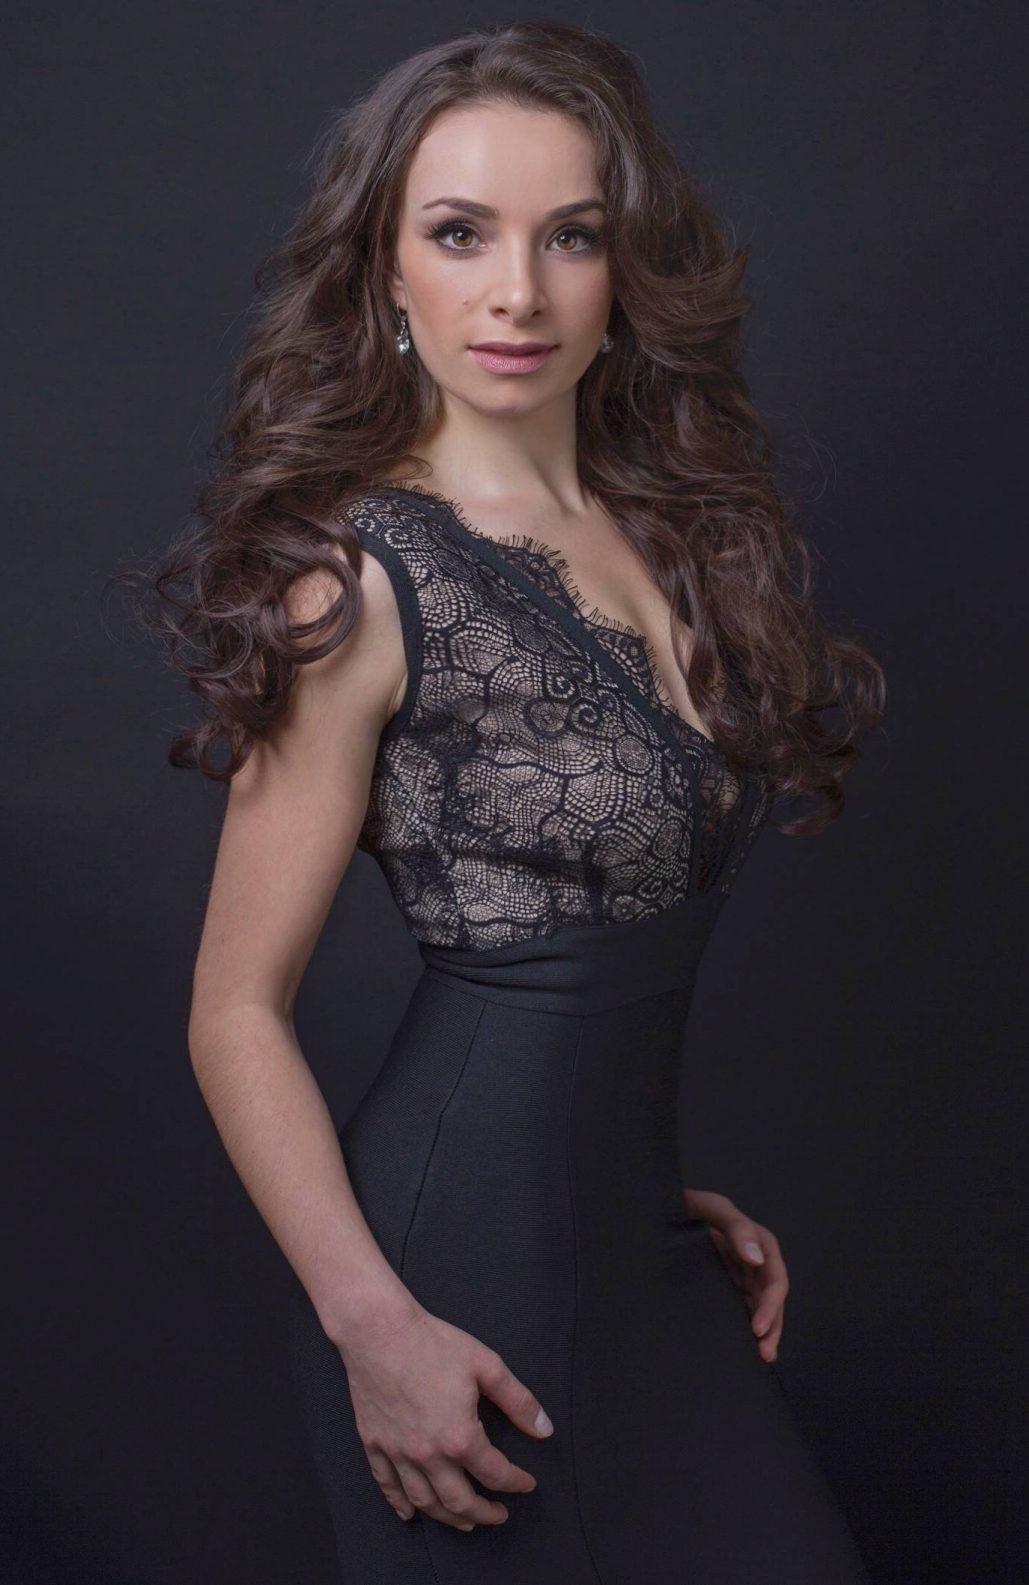 Hochzeitssängerin - Christina Woods - Sängerin mit Gefühl